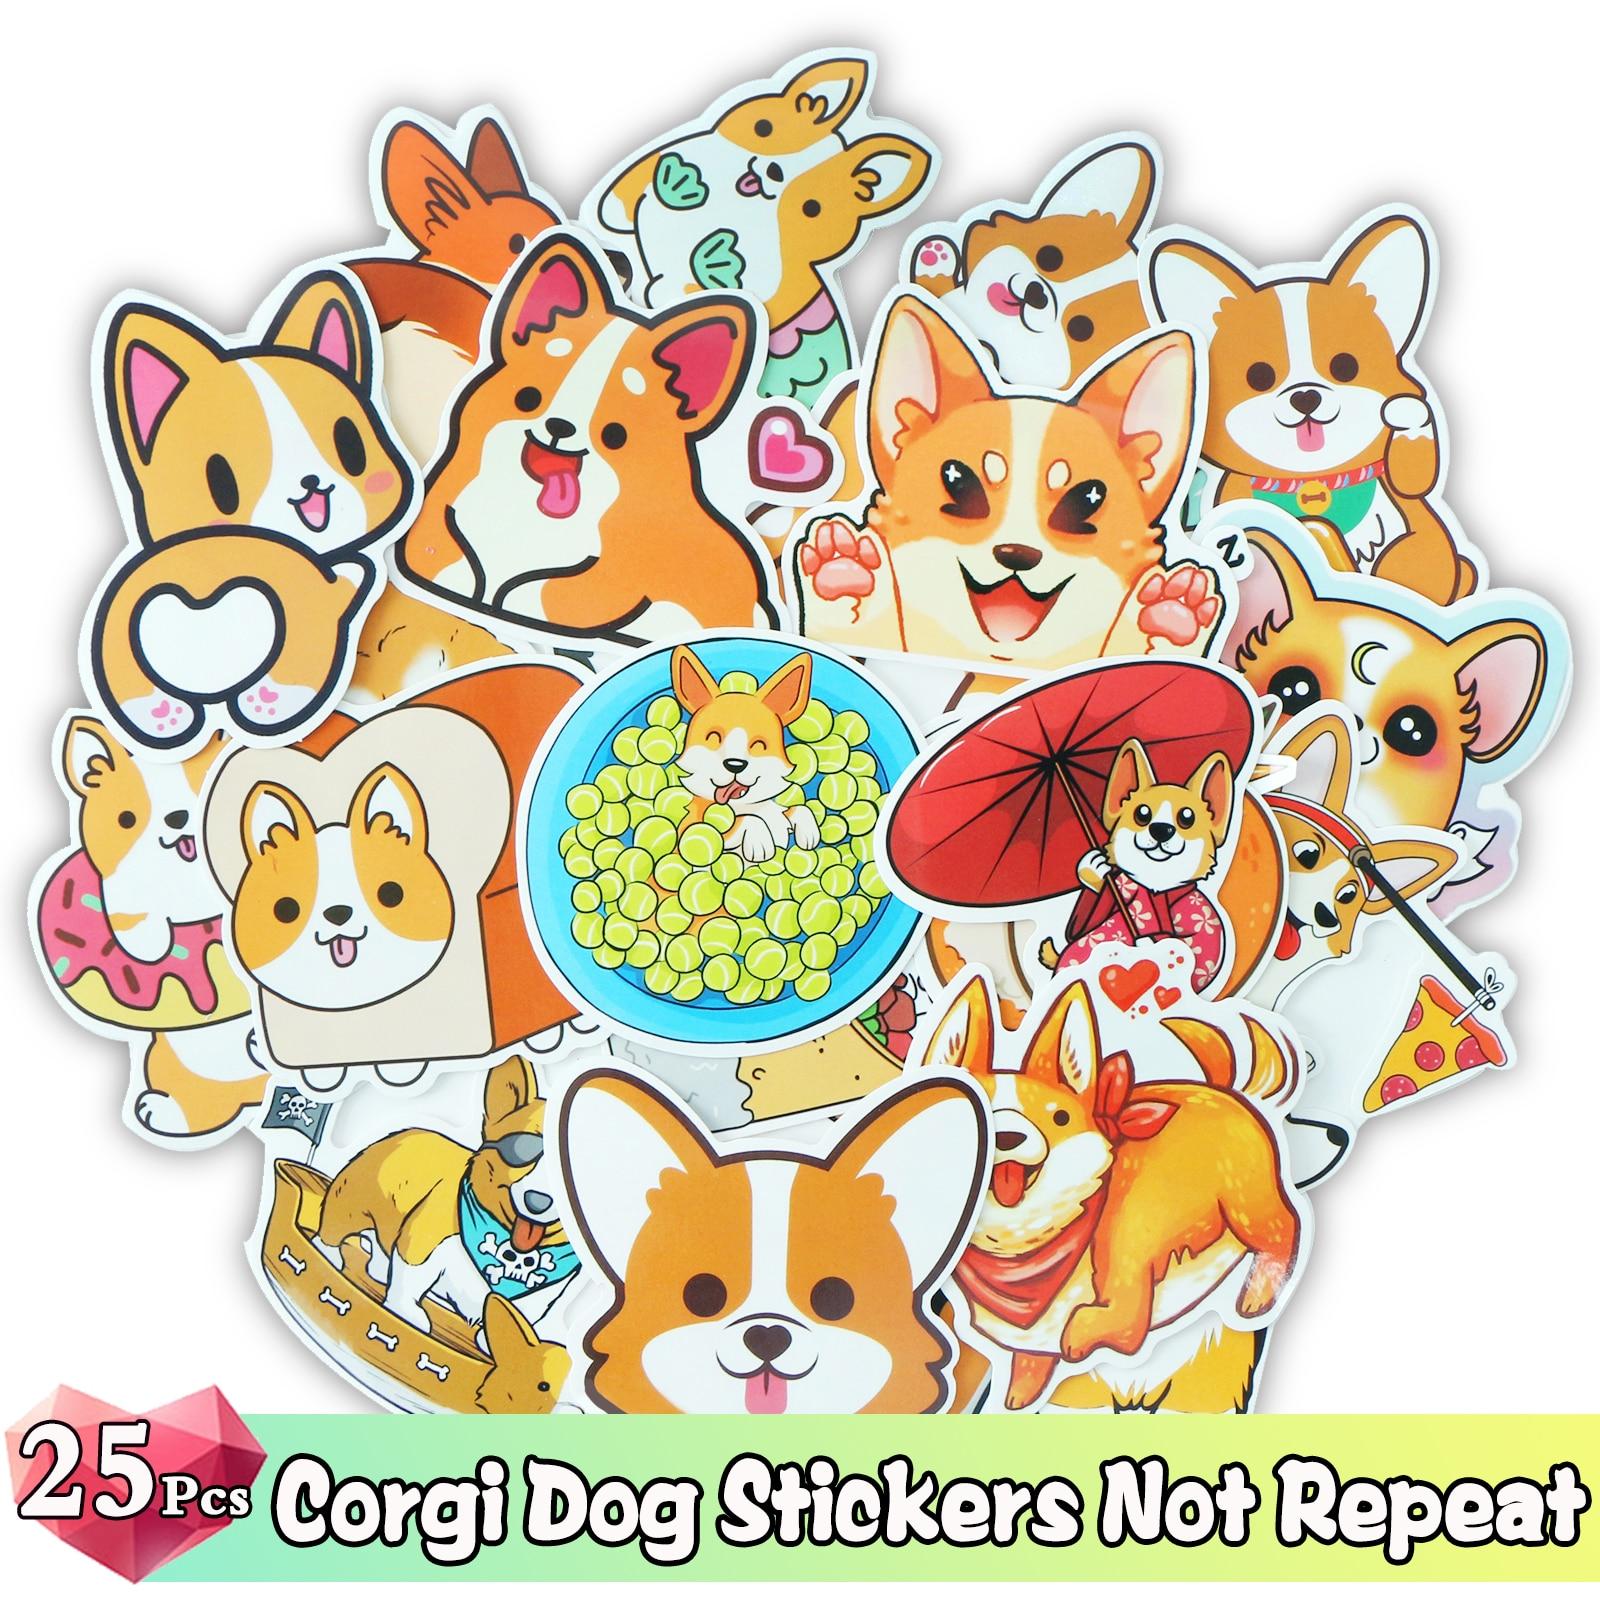 40 Pcs DIY Corgi Dog Stickers Scrapbooking Crafts Cartoon Mixed Sticker Kawaii